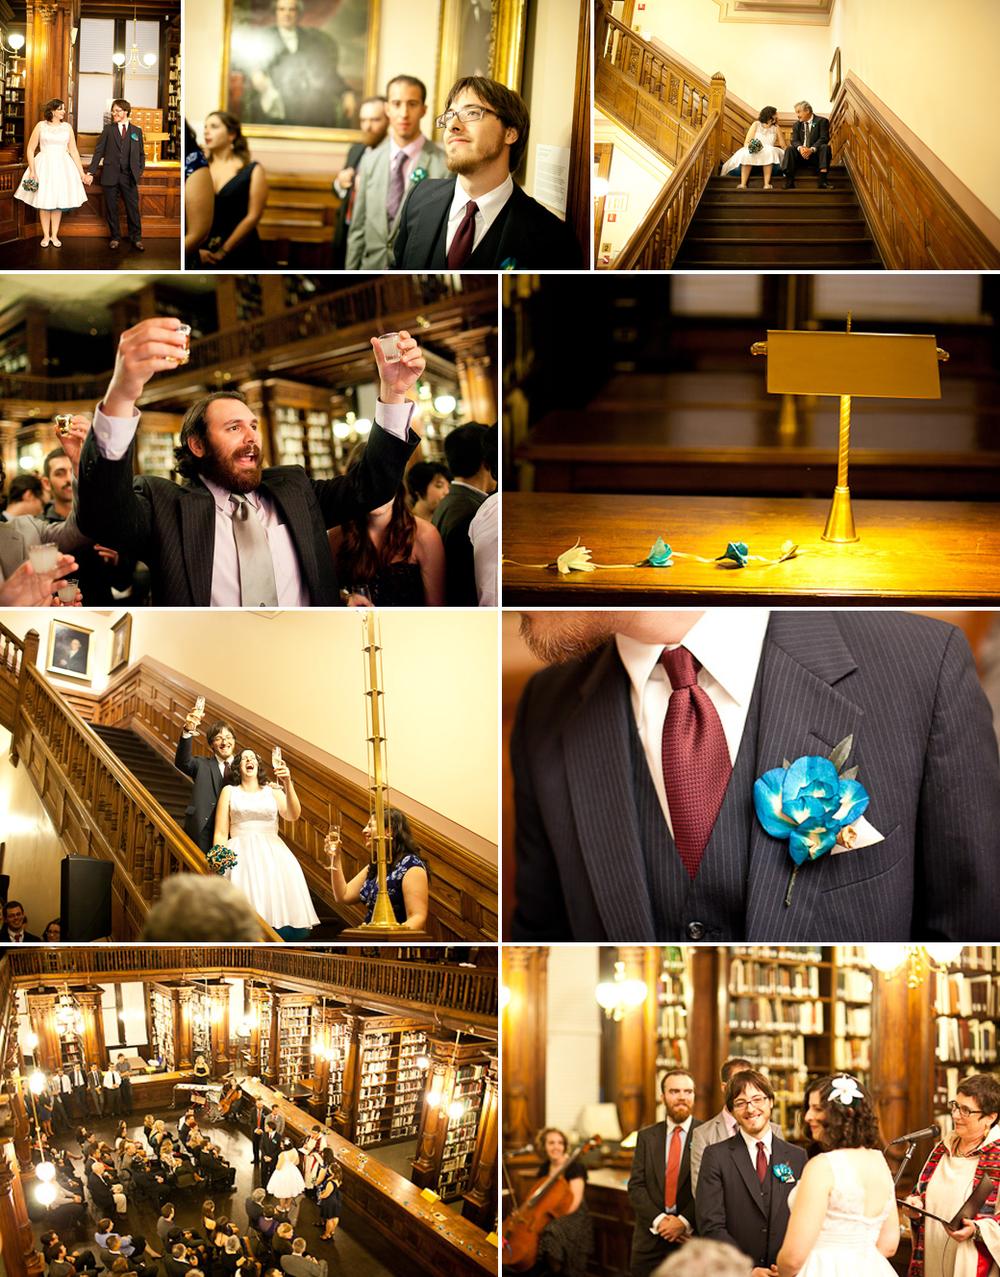 brooklyn-historical-society-wedding-venue.jpg